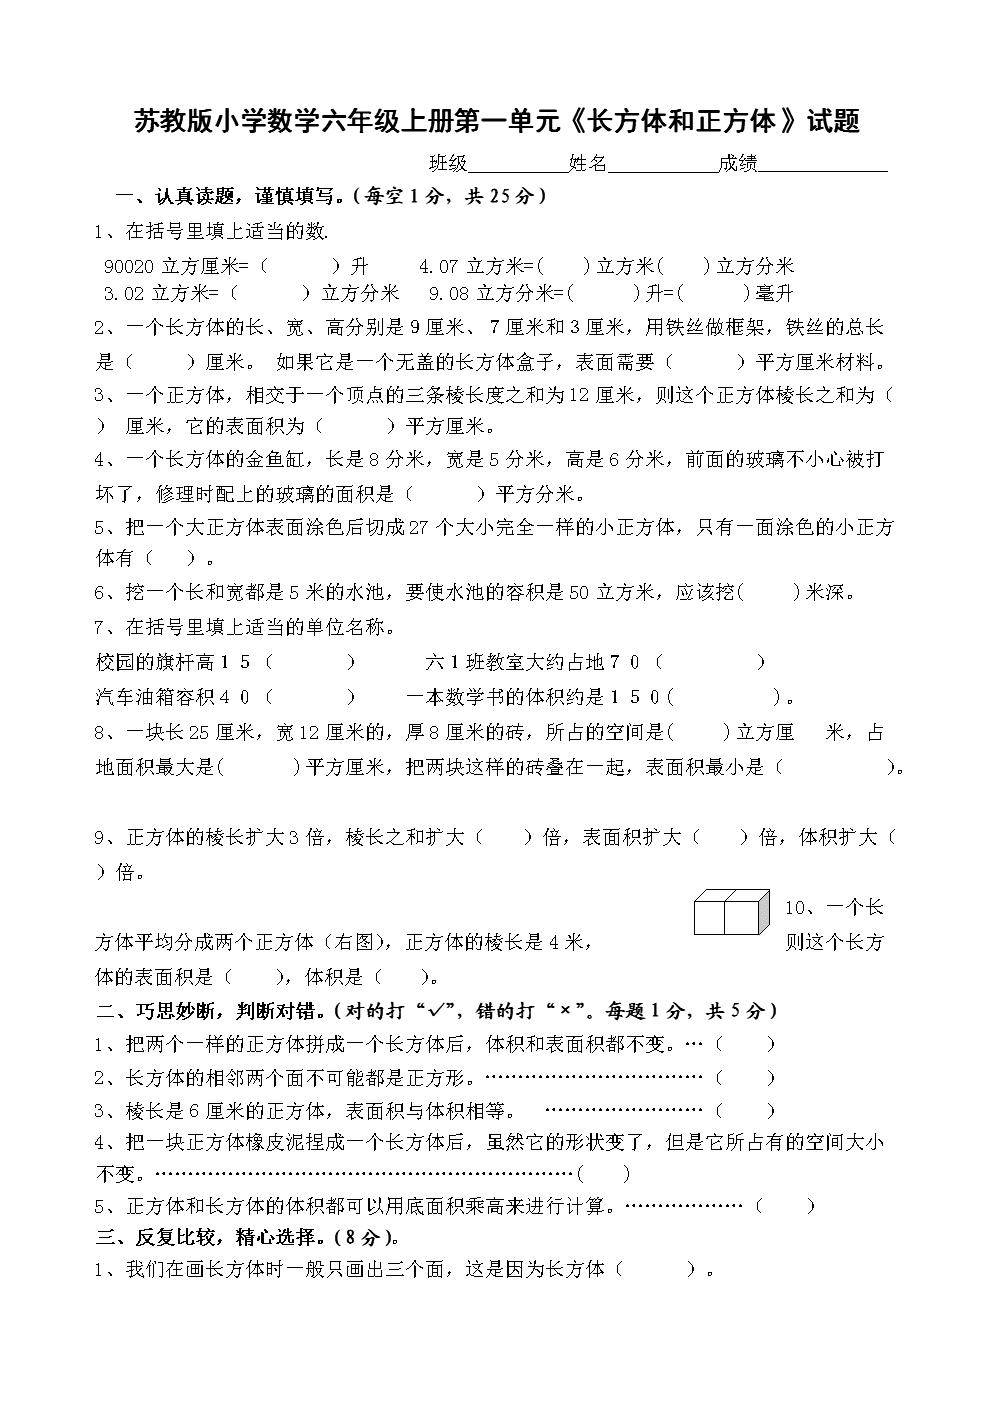 苏教版小学数学六年级上册单元检测试题全册.doc